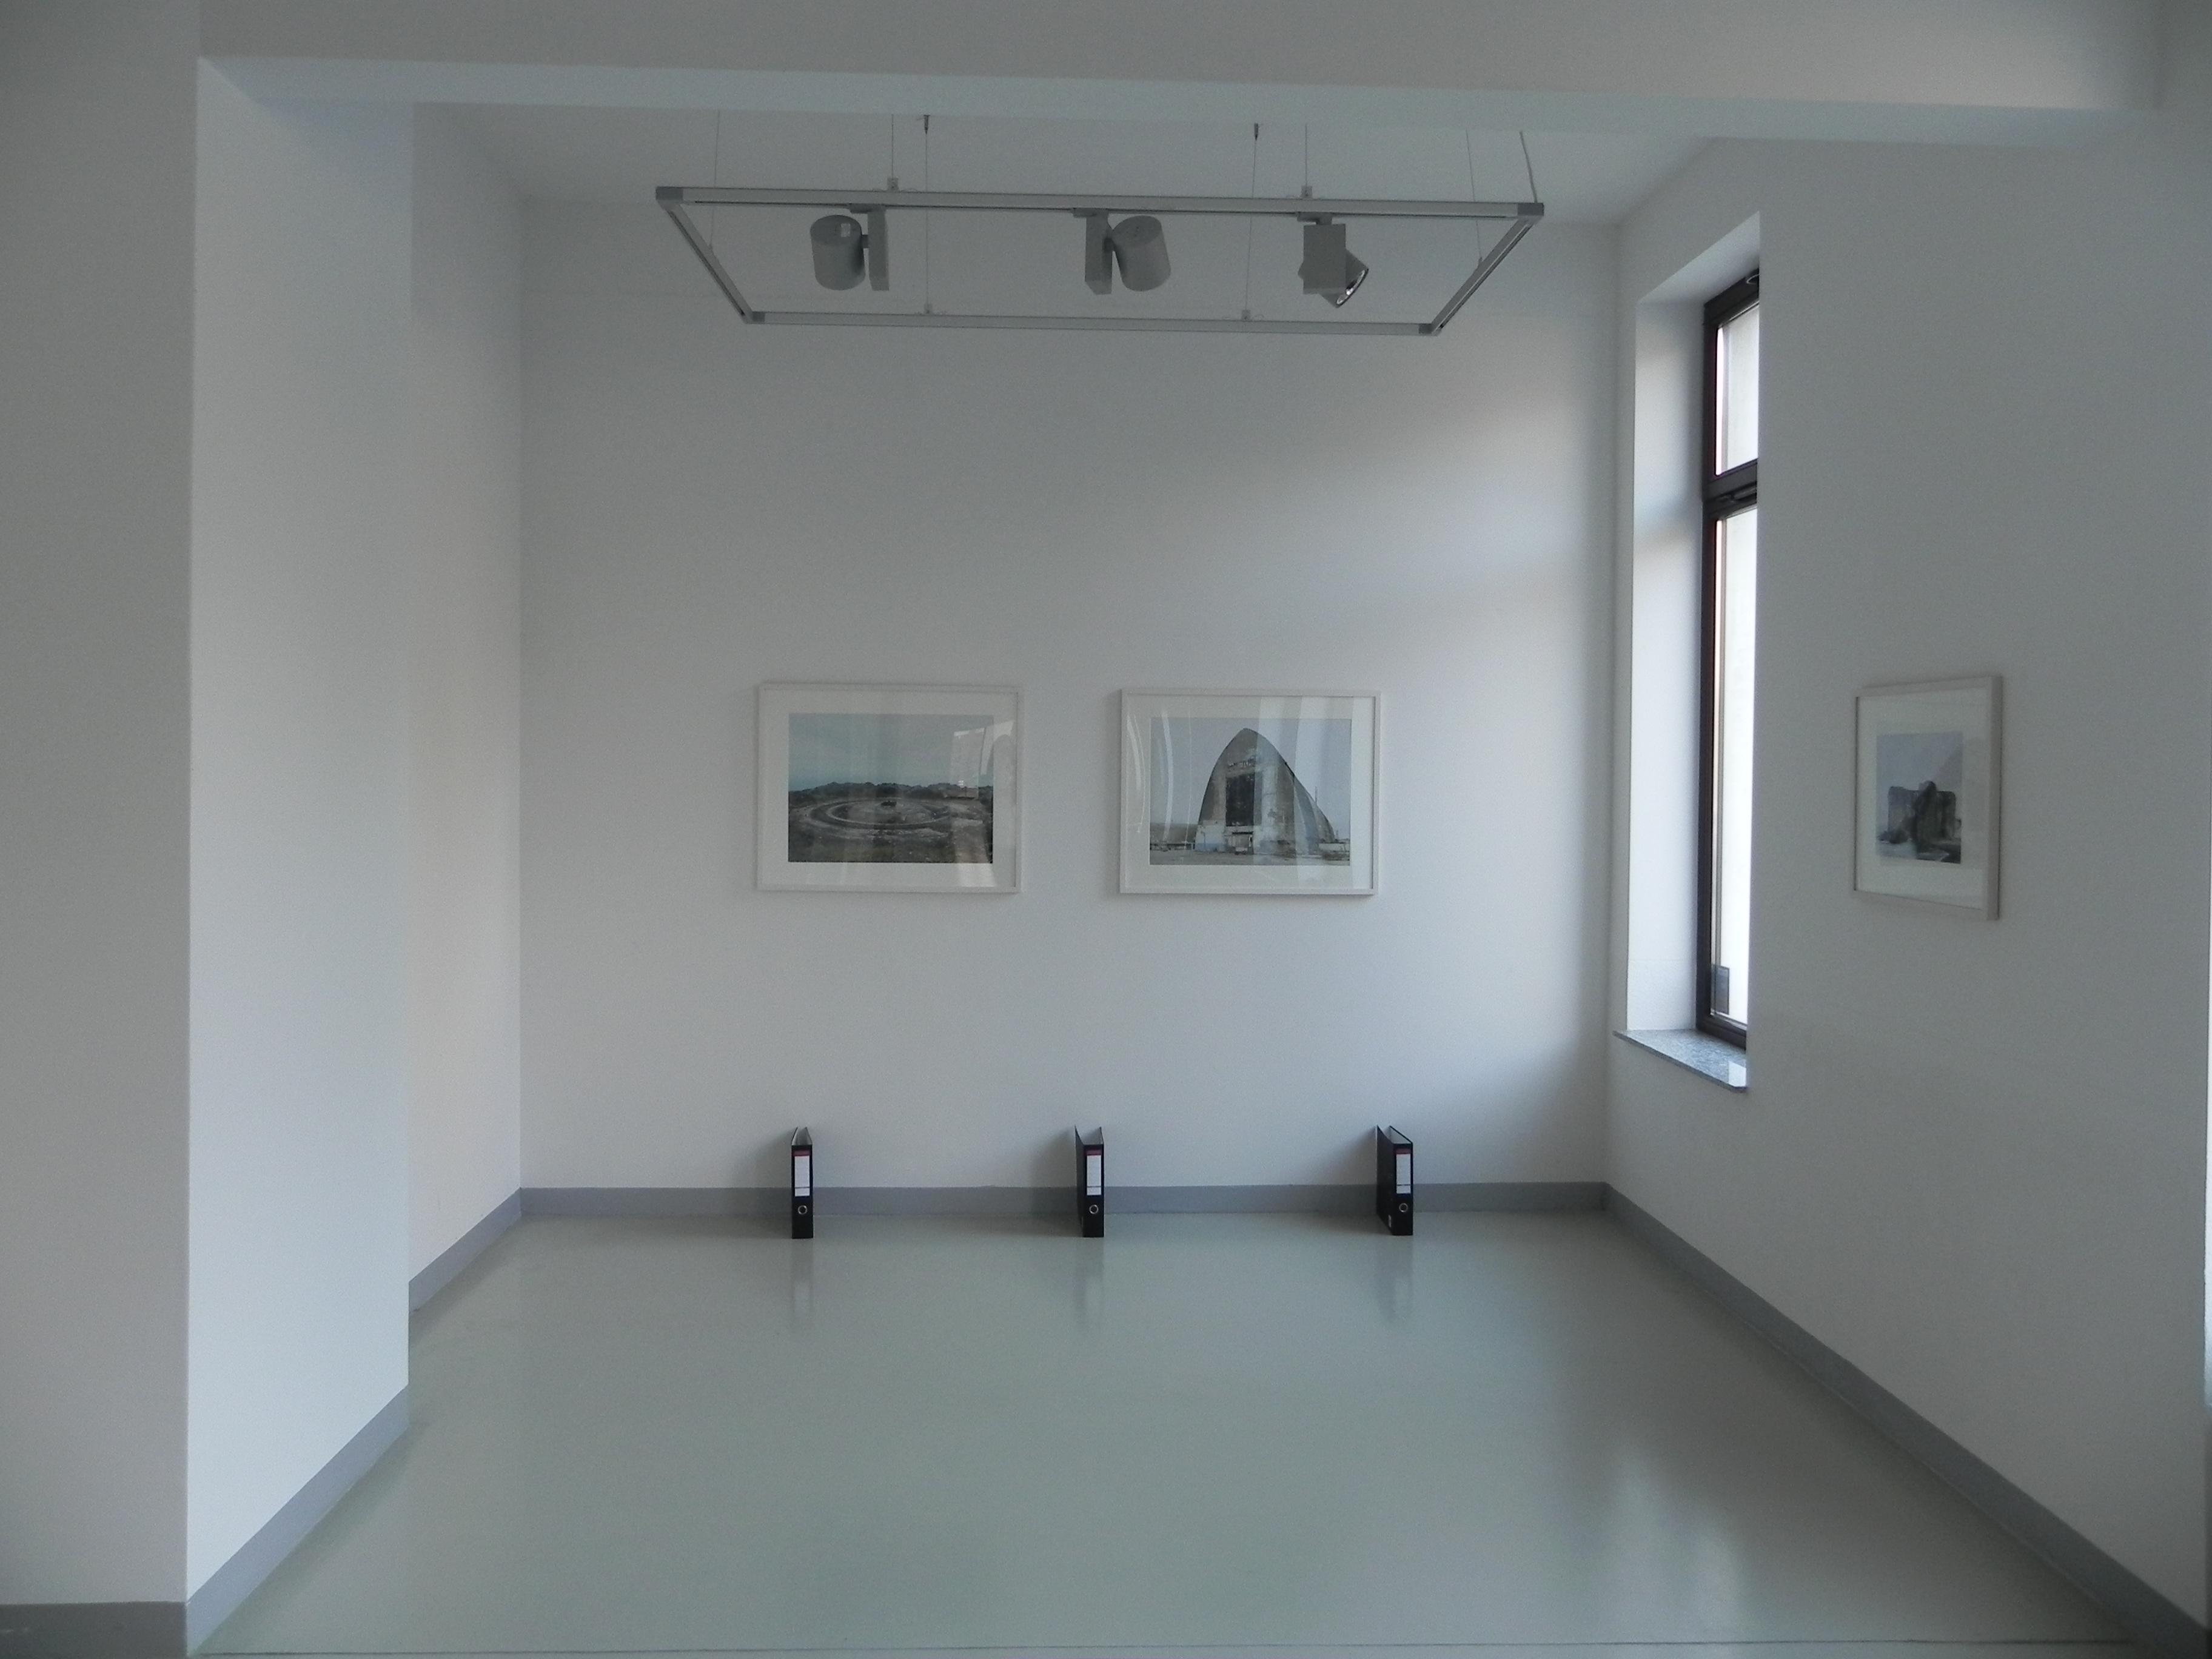 Widok wystawy Bunkry, fot.M. Frankowski